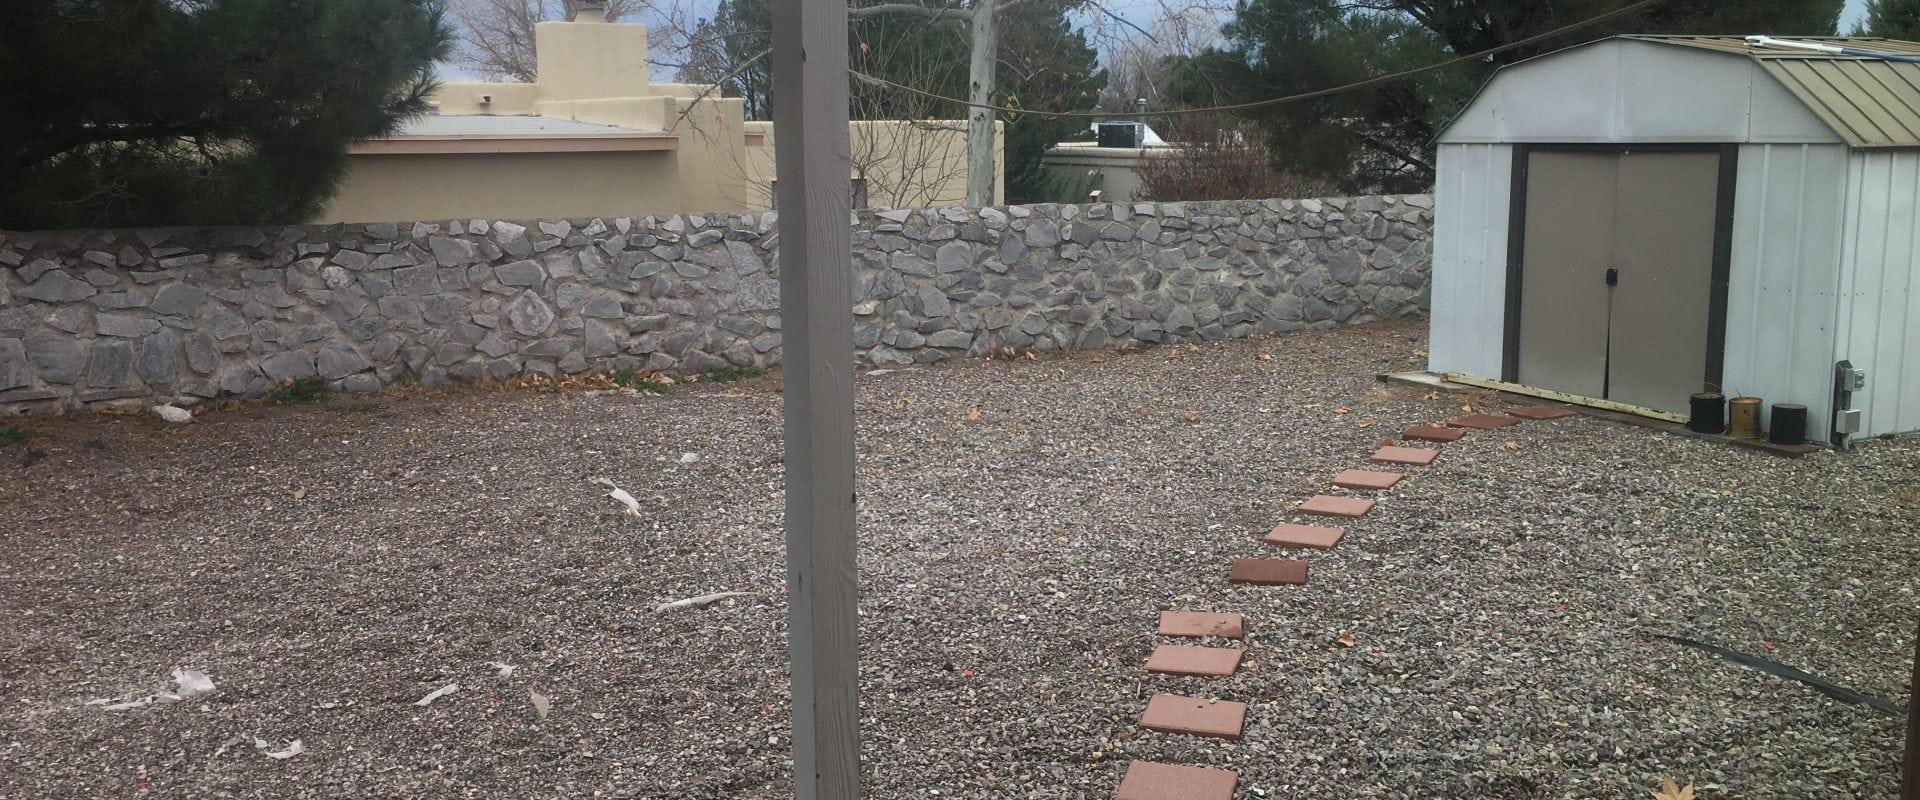 3359 Solarridge St., Las Cruces, NM  88012